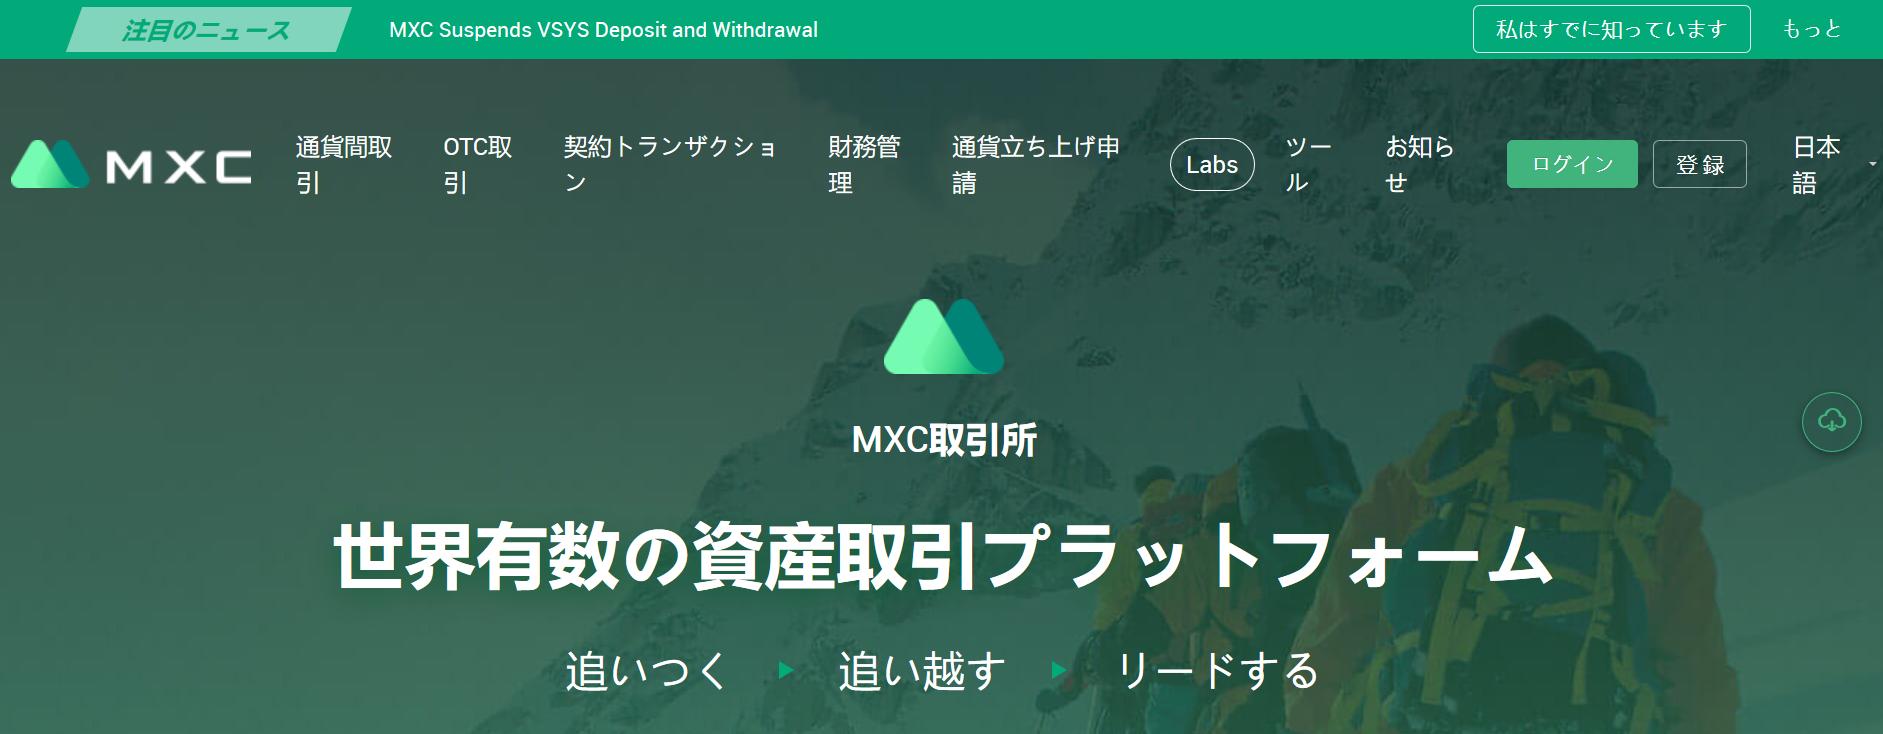 mxc-TOP